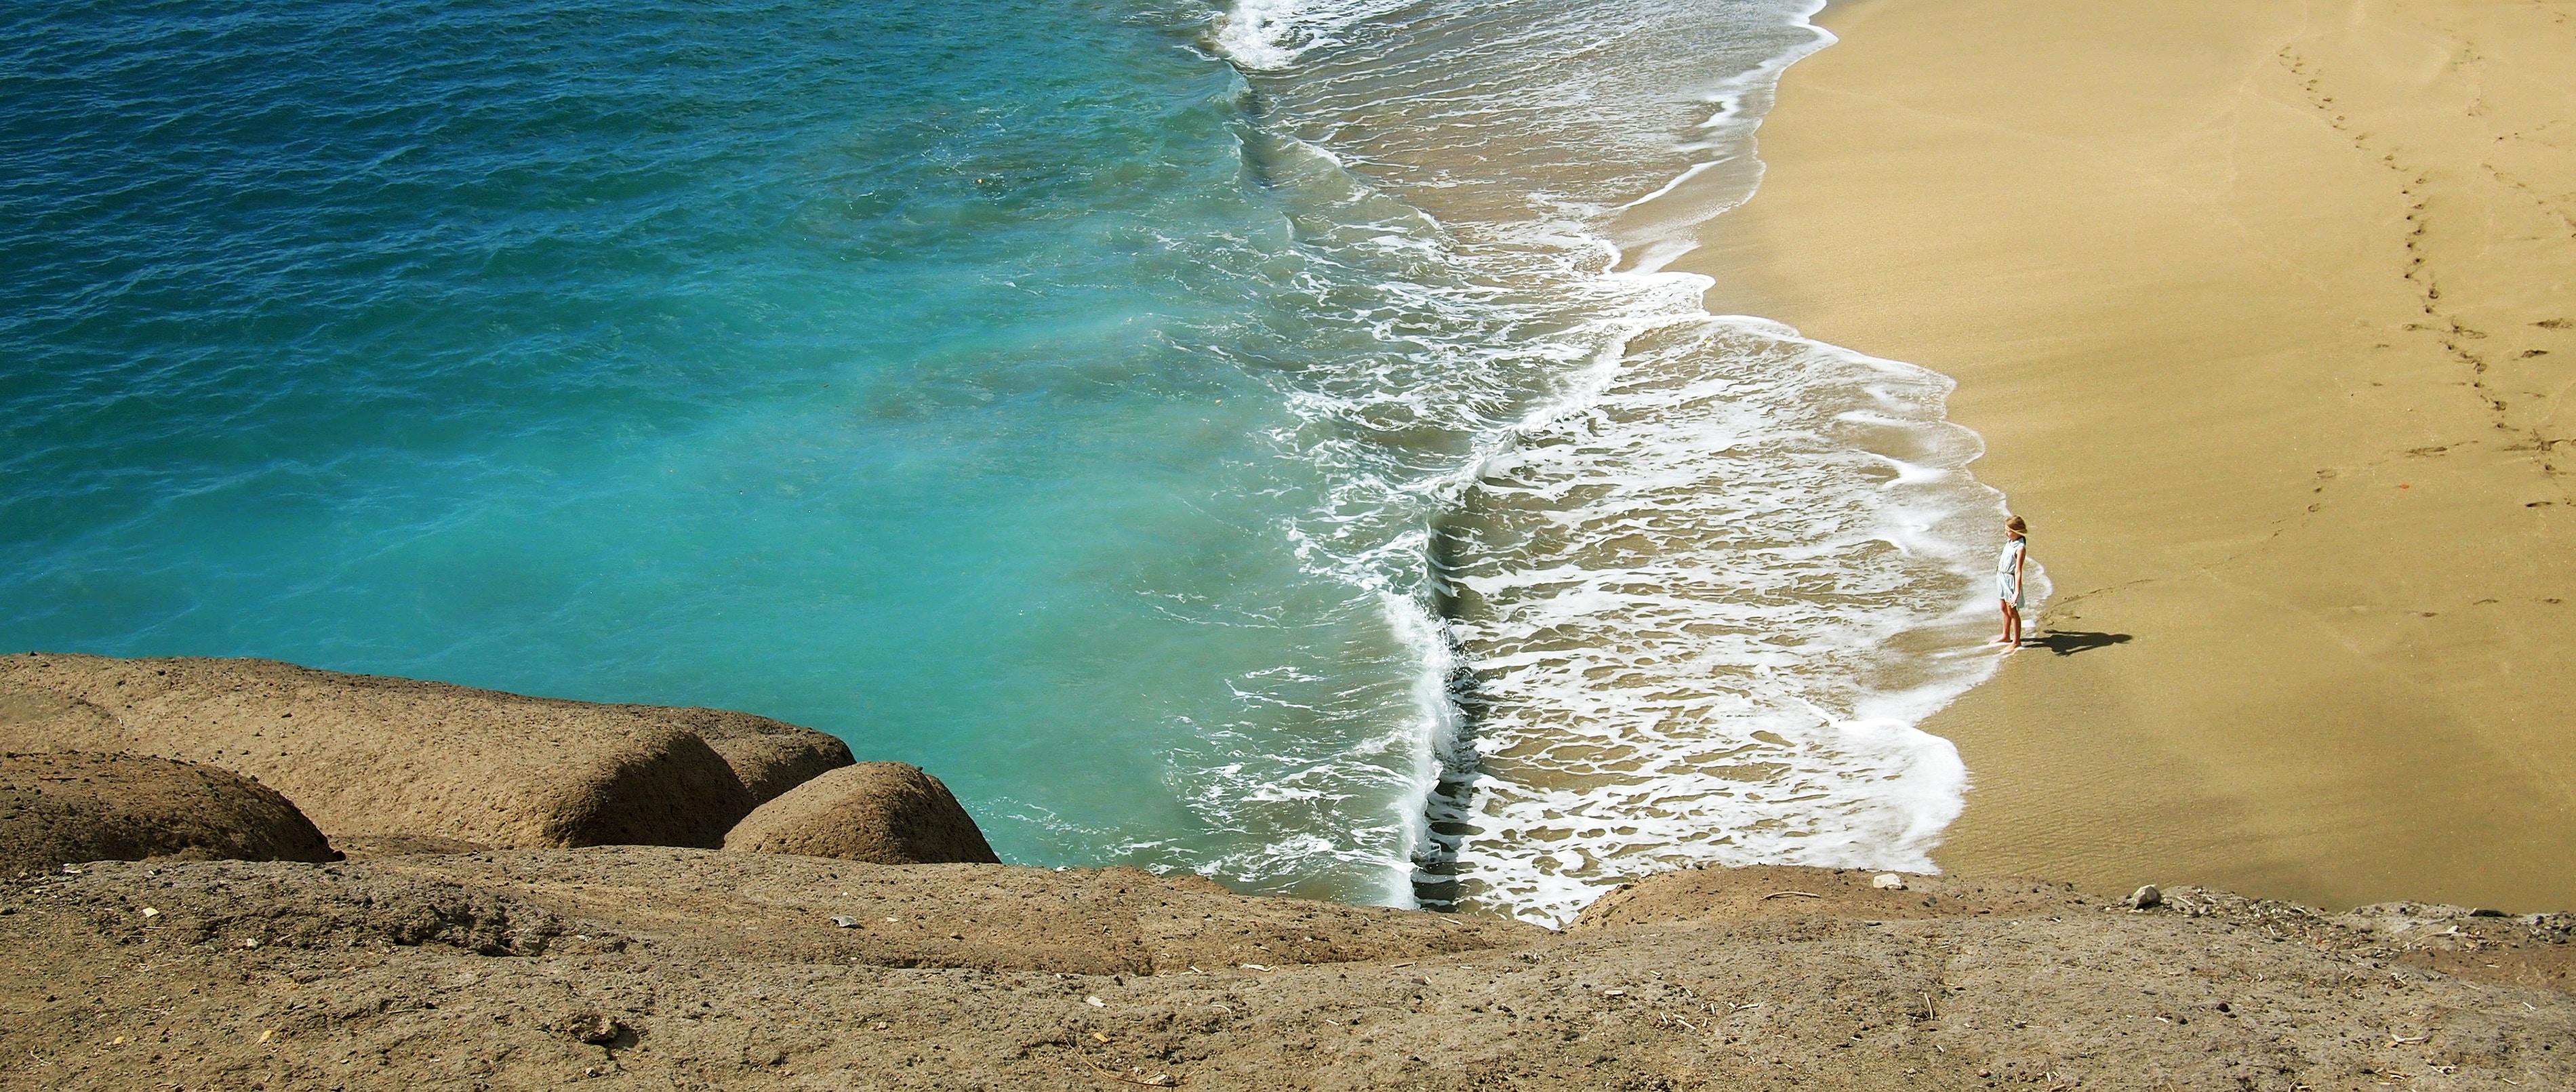 El tiempo, the weather in winter, en invierno, Costa Adeje Tenerife